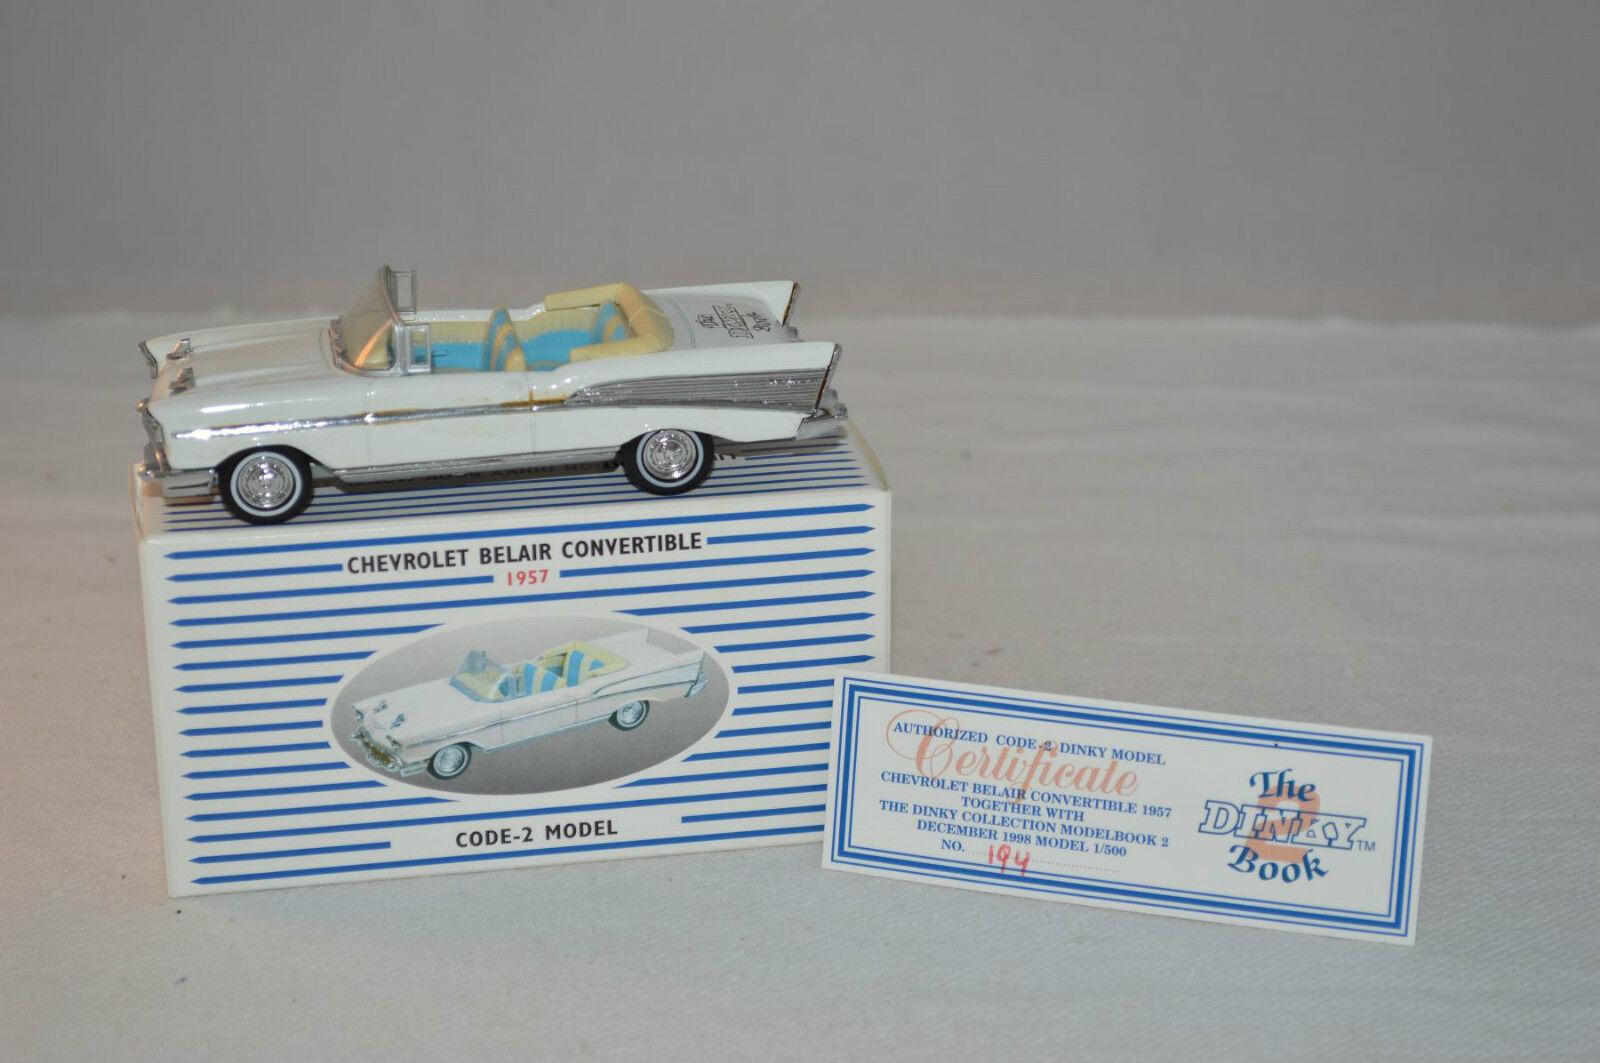 Dinky - Matchbox book car 1:43 chevrolet belair 1957 code 2 no 003 rare selten